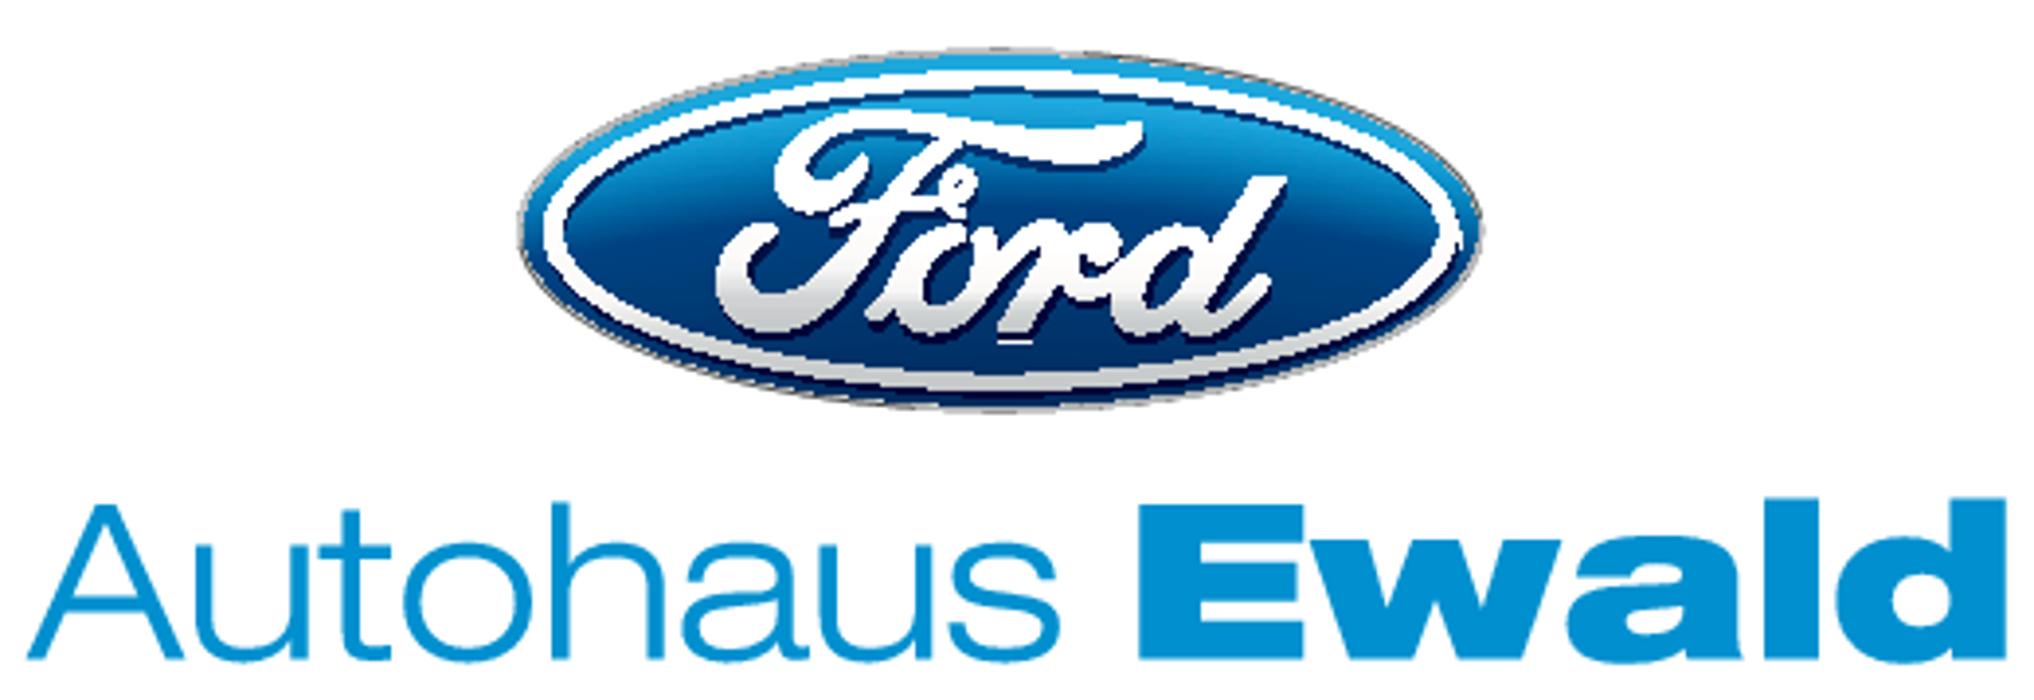 Bild zu Autohaus Ewald GmbH in Erding